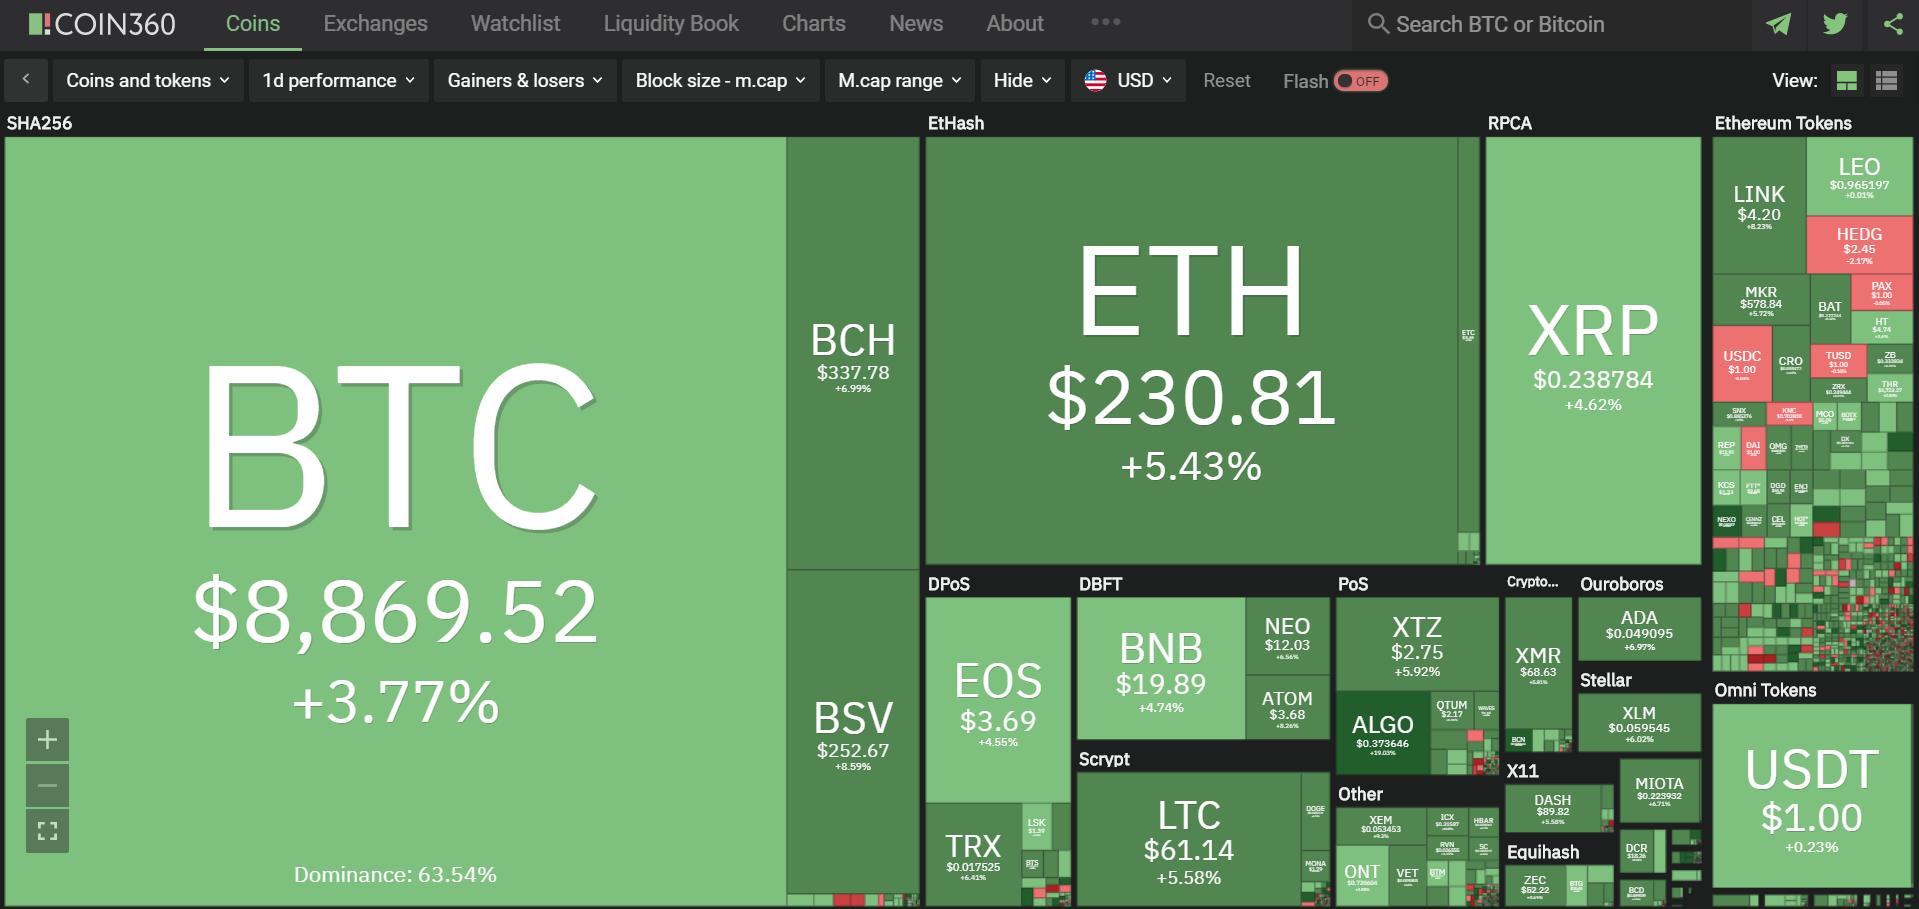 Toàn cảnh thị trường tiền kĩ thuật số hôm nay (3/3) (Nguồn: Coin360.com)